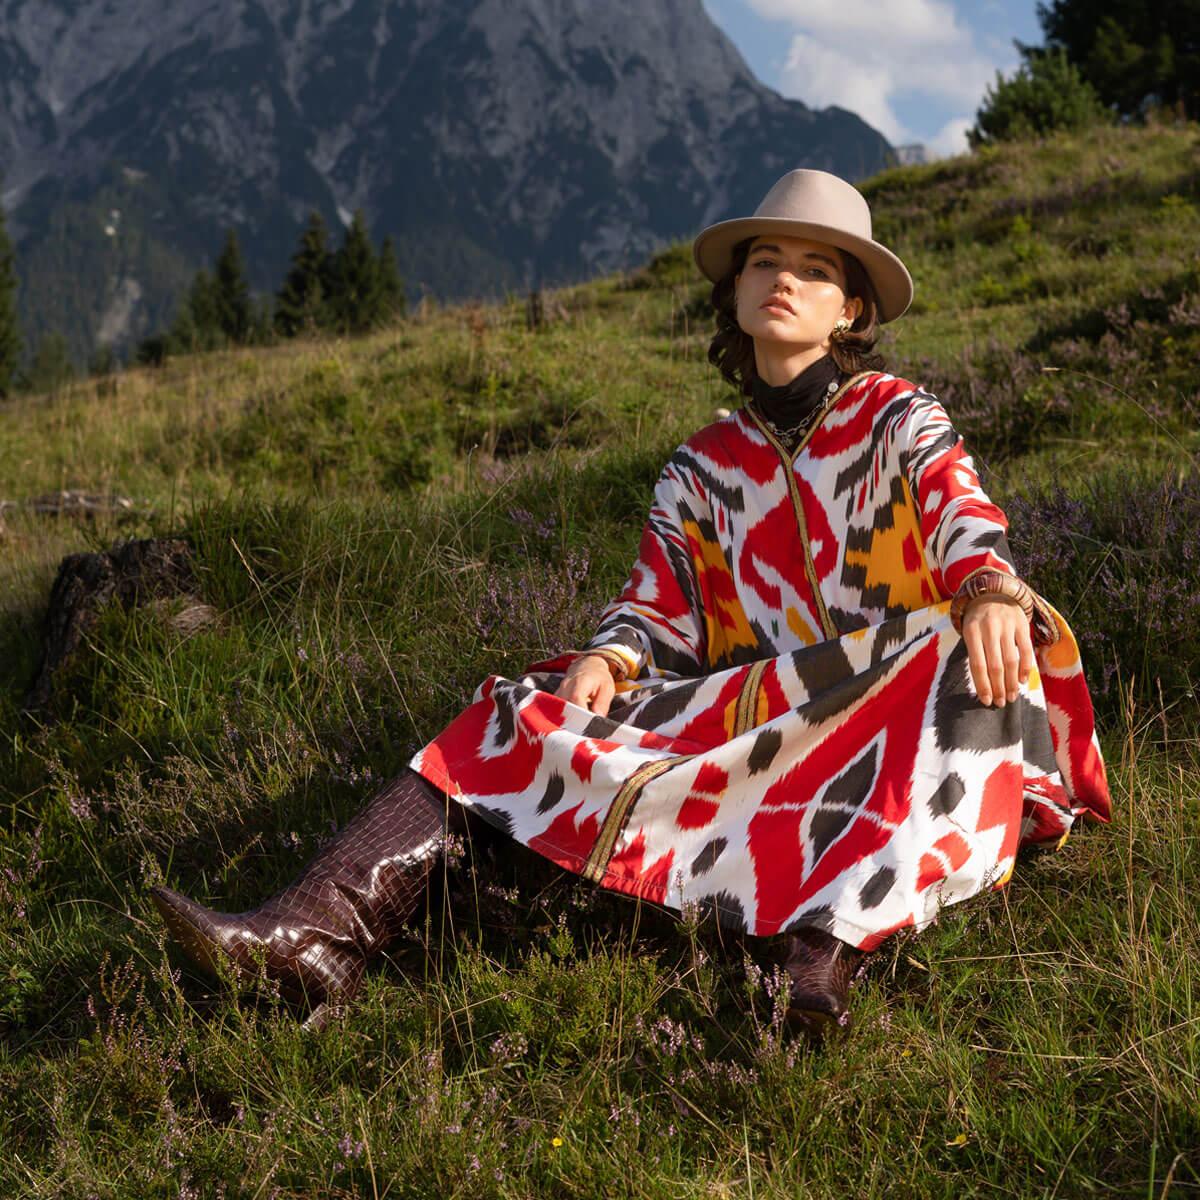 Junge Frau im Hut, braunen Stiefeln und einem buntem oversized Kaftan mit Ikat Mustern sitzt auf einer Wiese im Hintergrund sind Berge